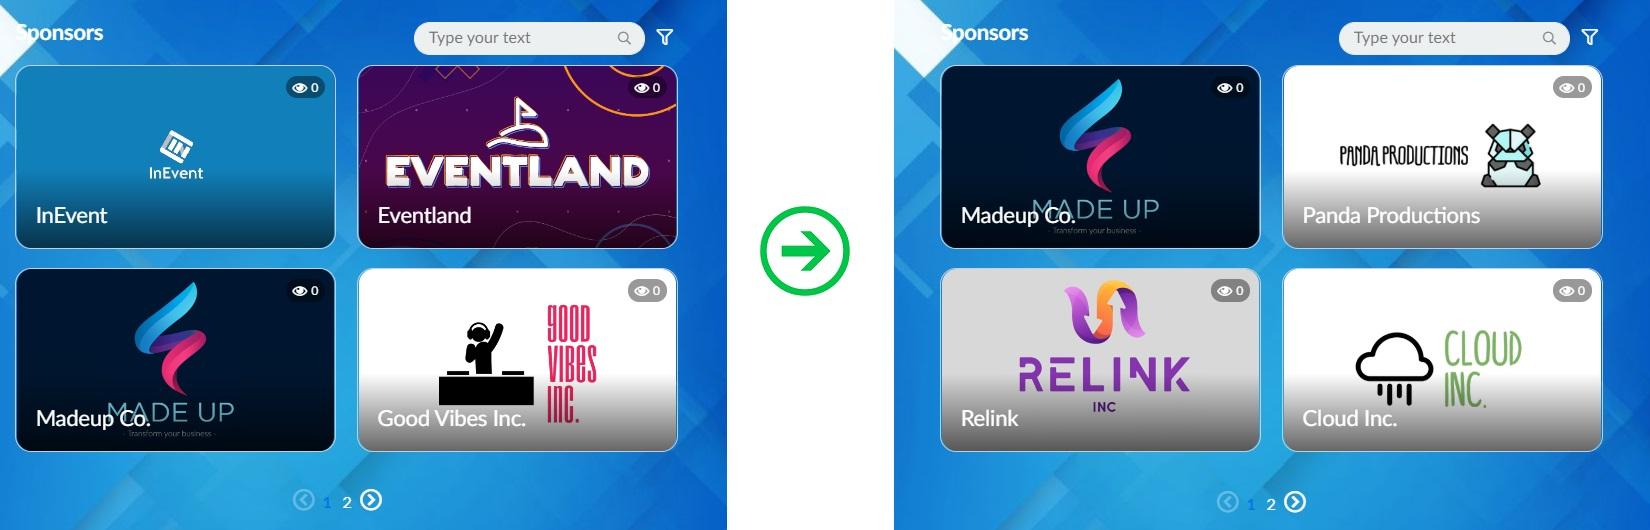 Random sponsors